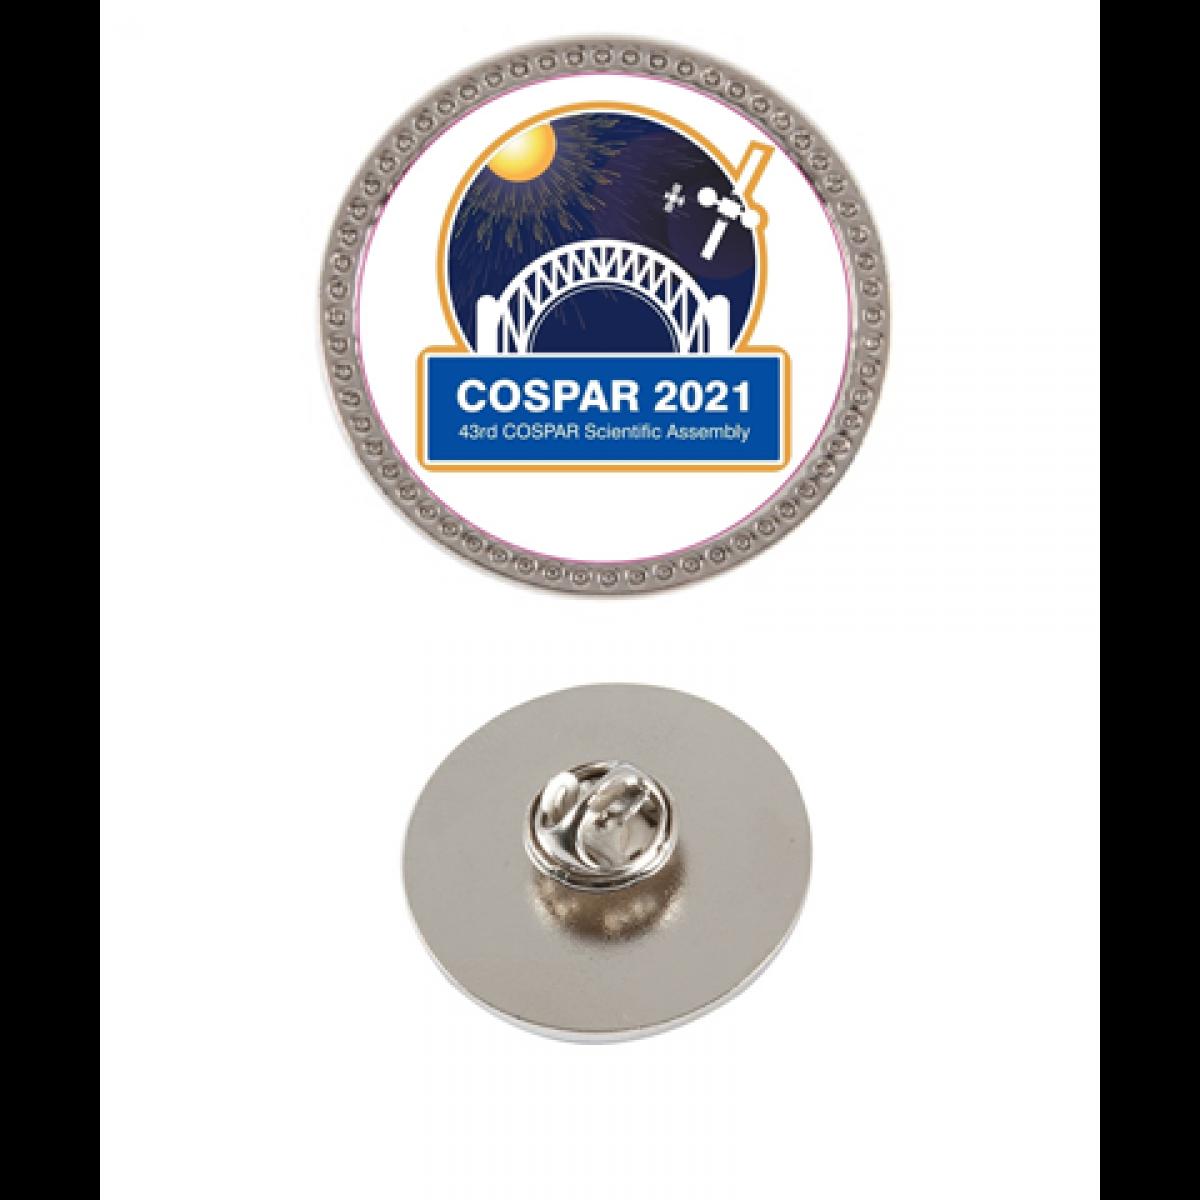 2021 COSPAR lapel pin